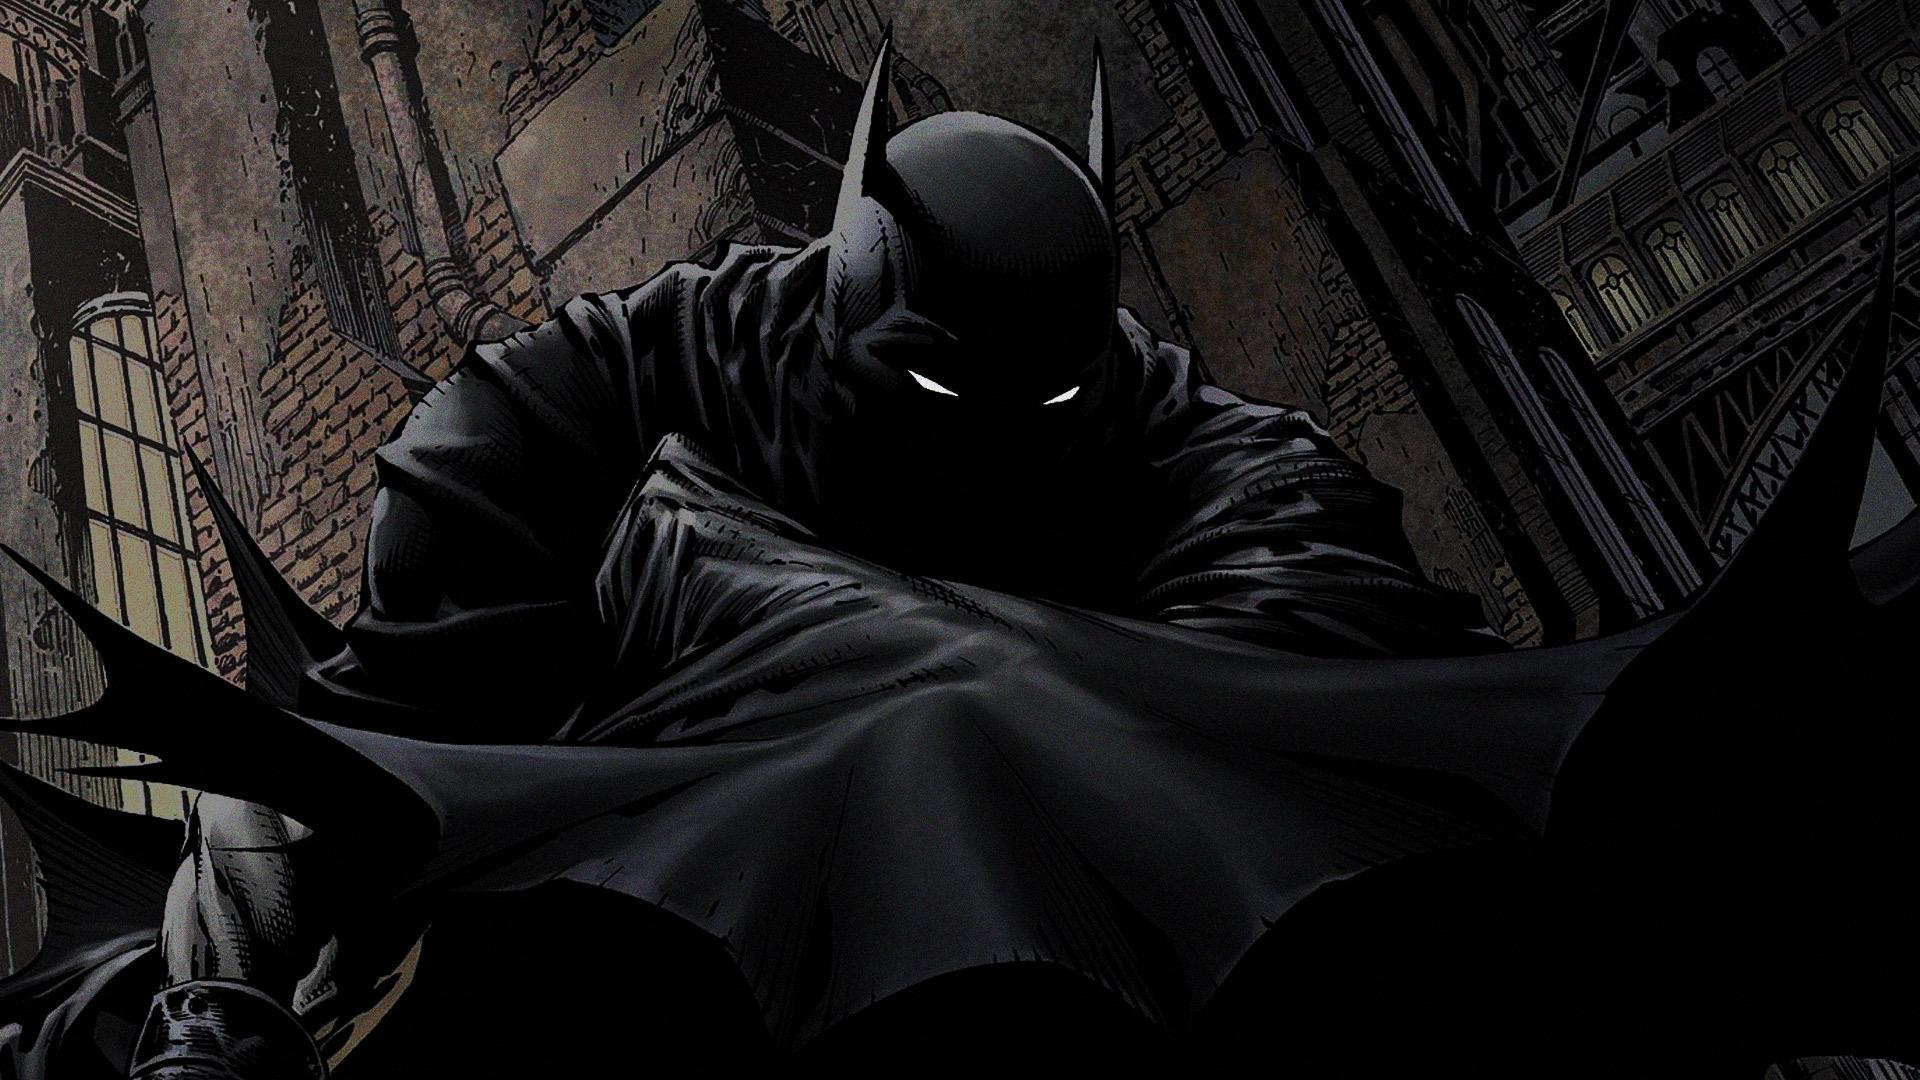 بالصور خلفيات باتمان , صور البطل الخارق محبوب الاطفال 3538 10